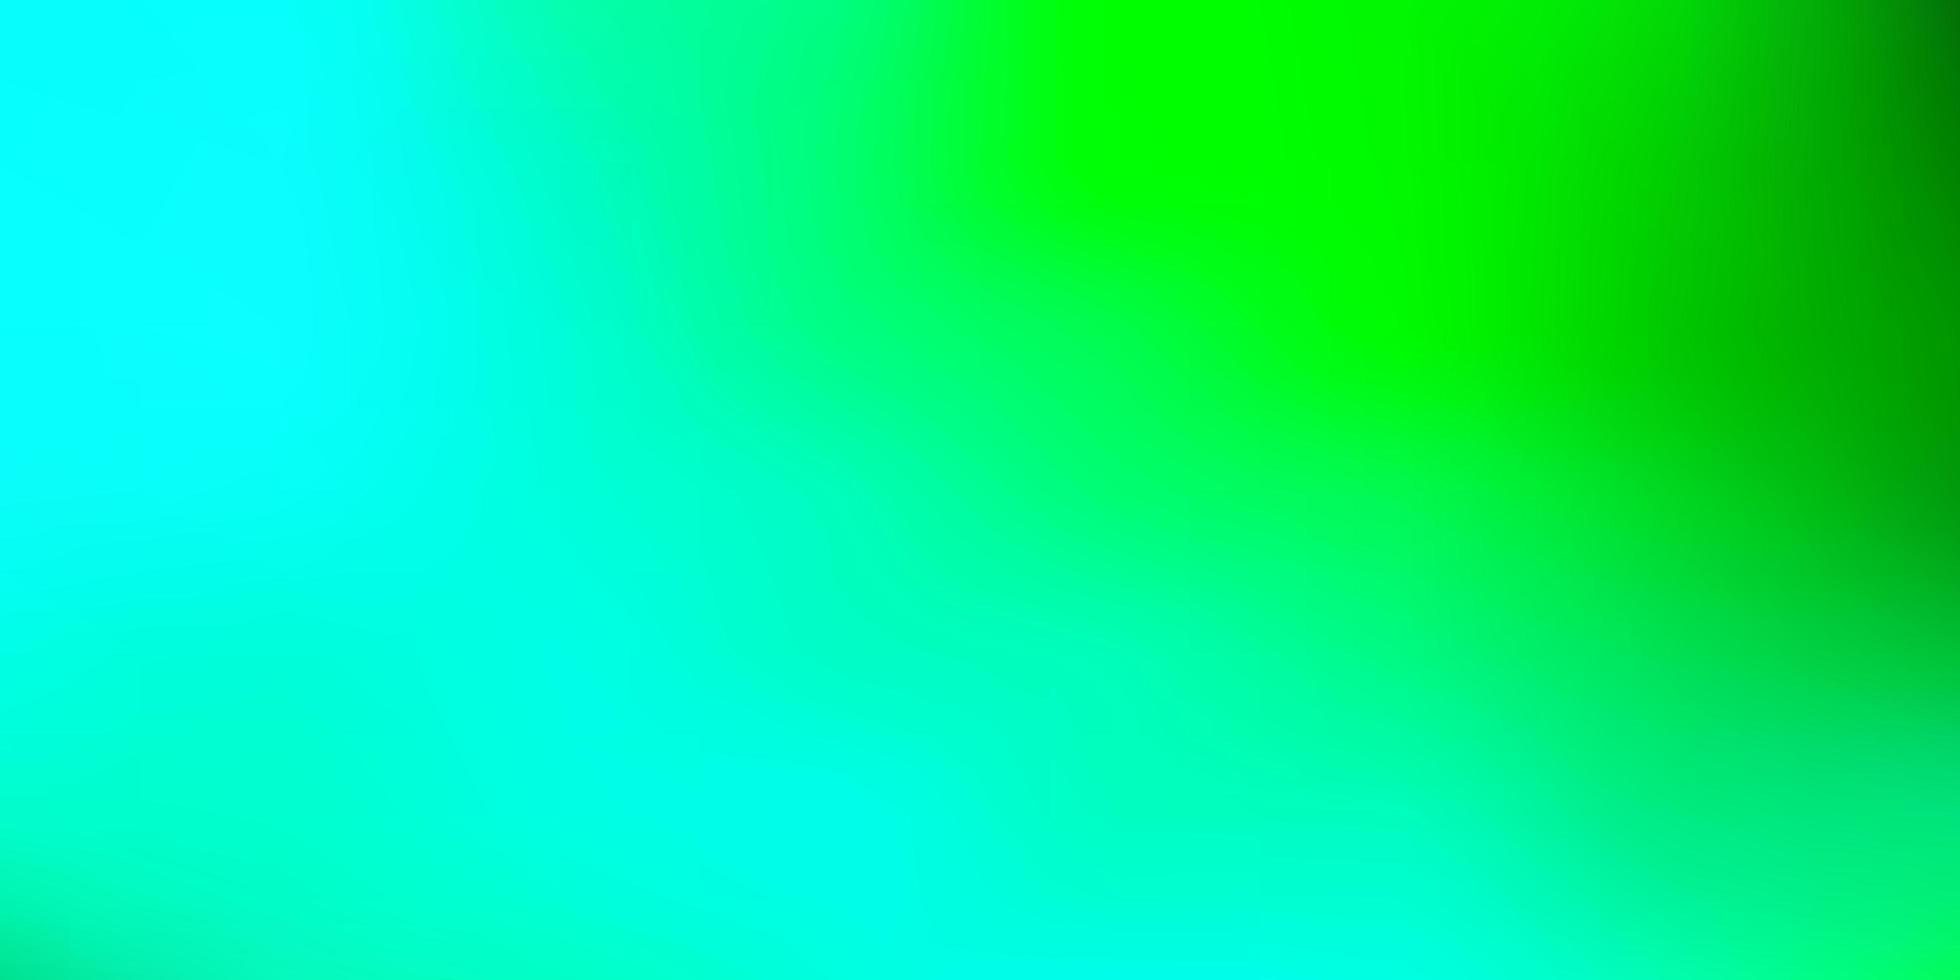 hellgrüne Vektor Unschärfe Vorlage.